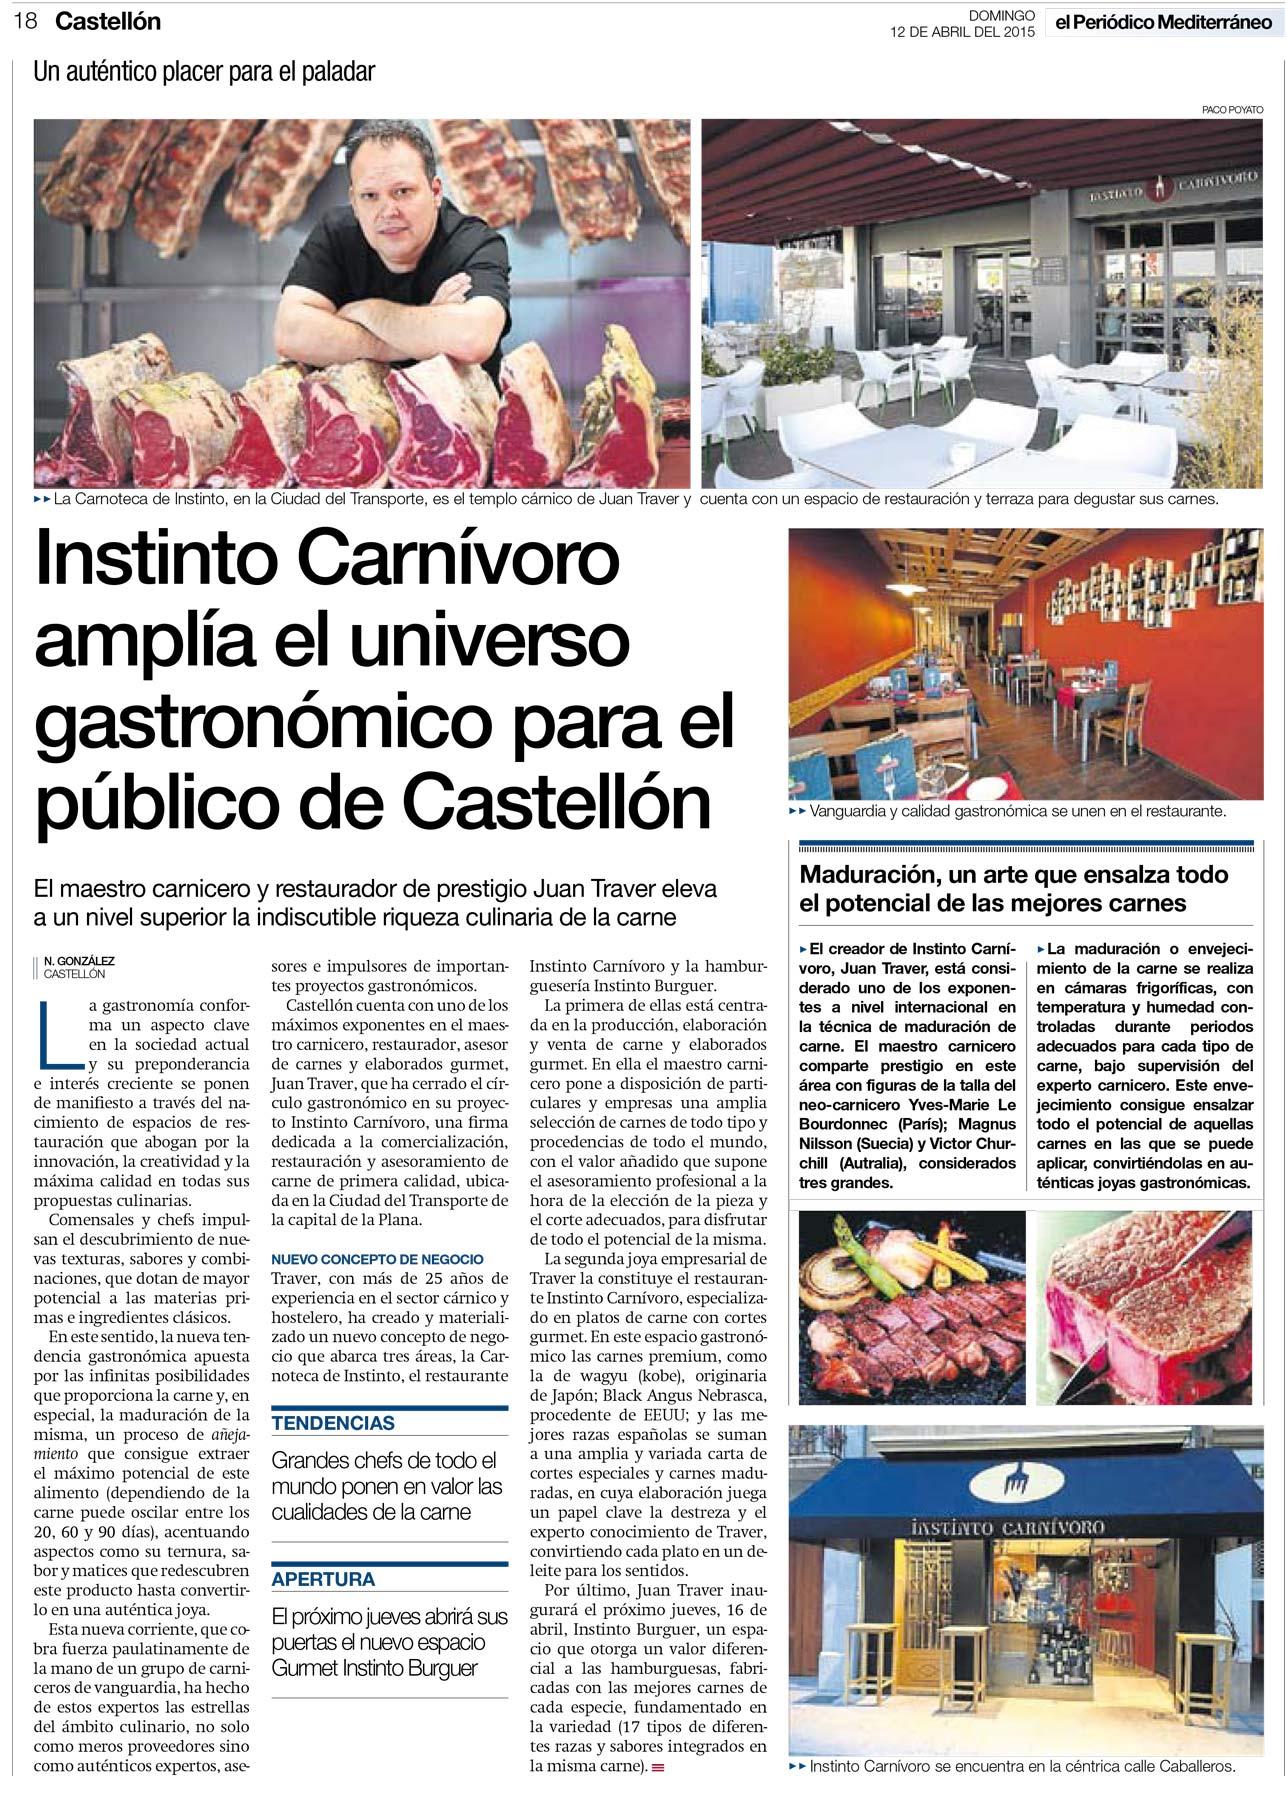 Reportaje El Periódico Mediterráneo, Abril 2015